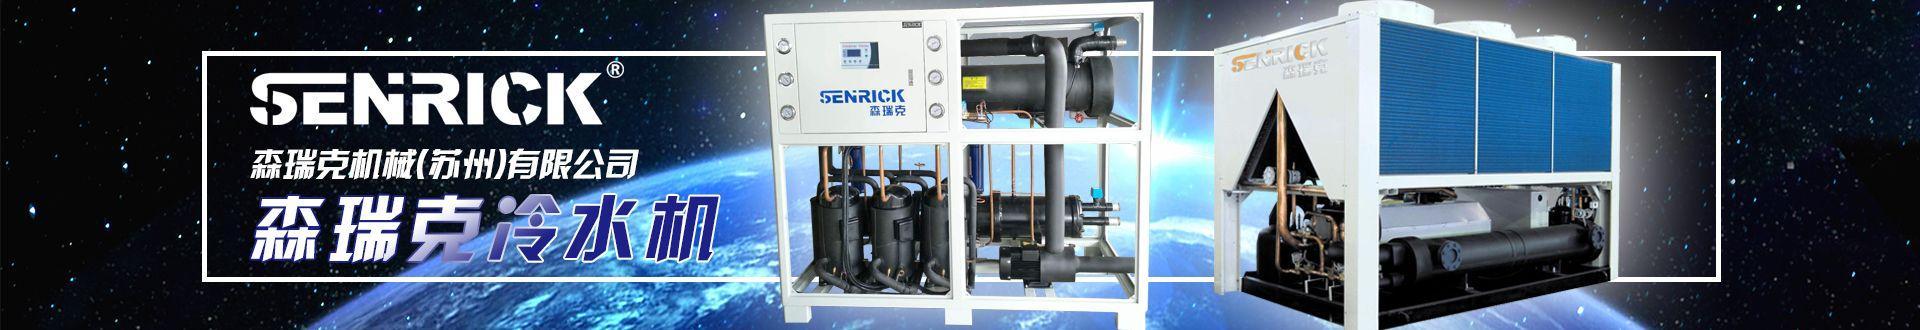 供应冰水机水机 苏州冷水机报价 昆山冷水机价格 张浦冷水机厂家